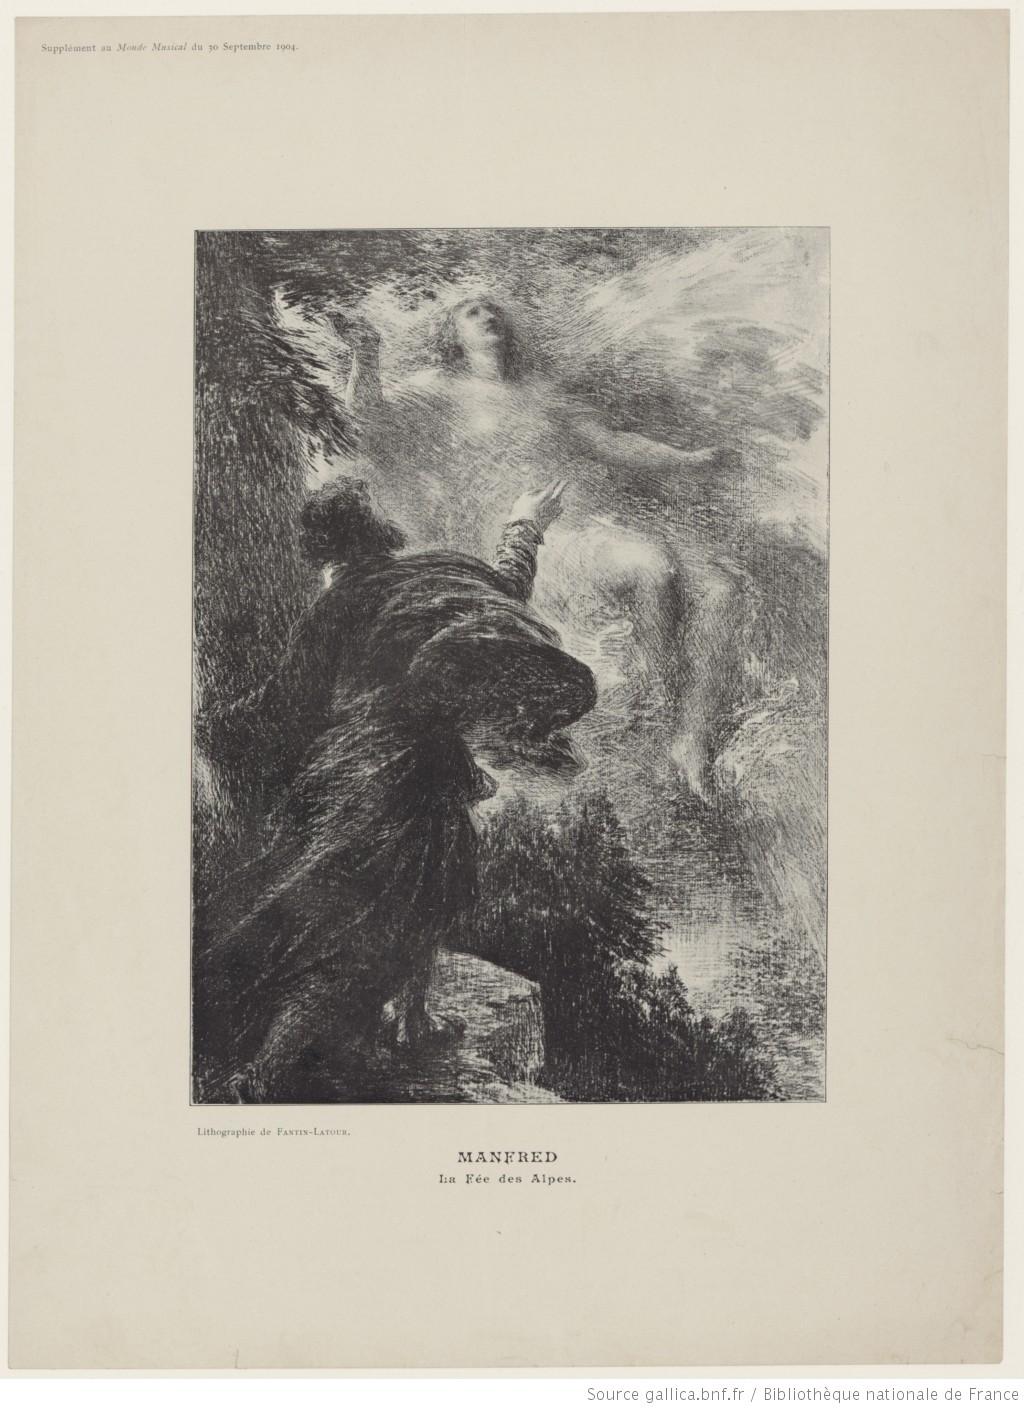 Manfred, la fée des Alpes, lithographie de Henri Fantin-Latour, 1904, Format:  1 impr. photoméc. (ill. de périodique): photogravure; 23,5 x 17 cm (tr. c.), Copyright: domaine public, ID ark:/12148/btv1b8424873h, Bibliothèque nationale de France, Cliquer sur la photo pour voir l'original et ses références